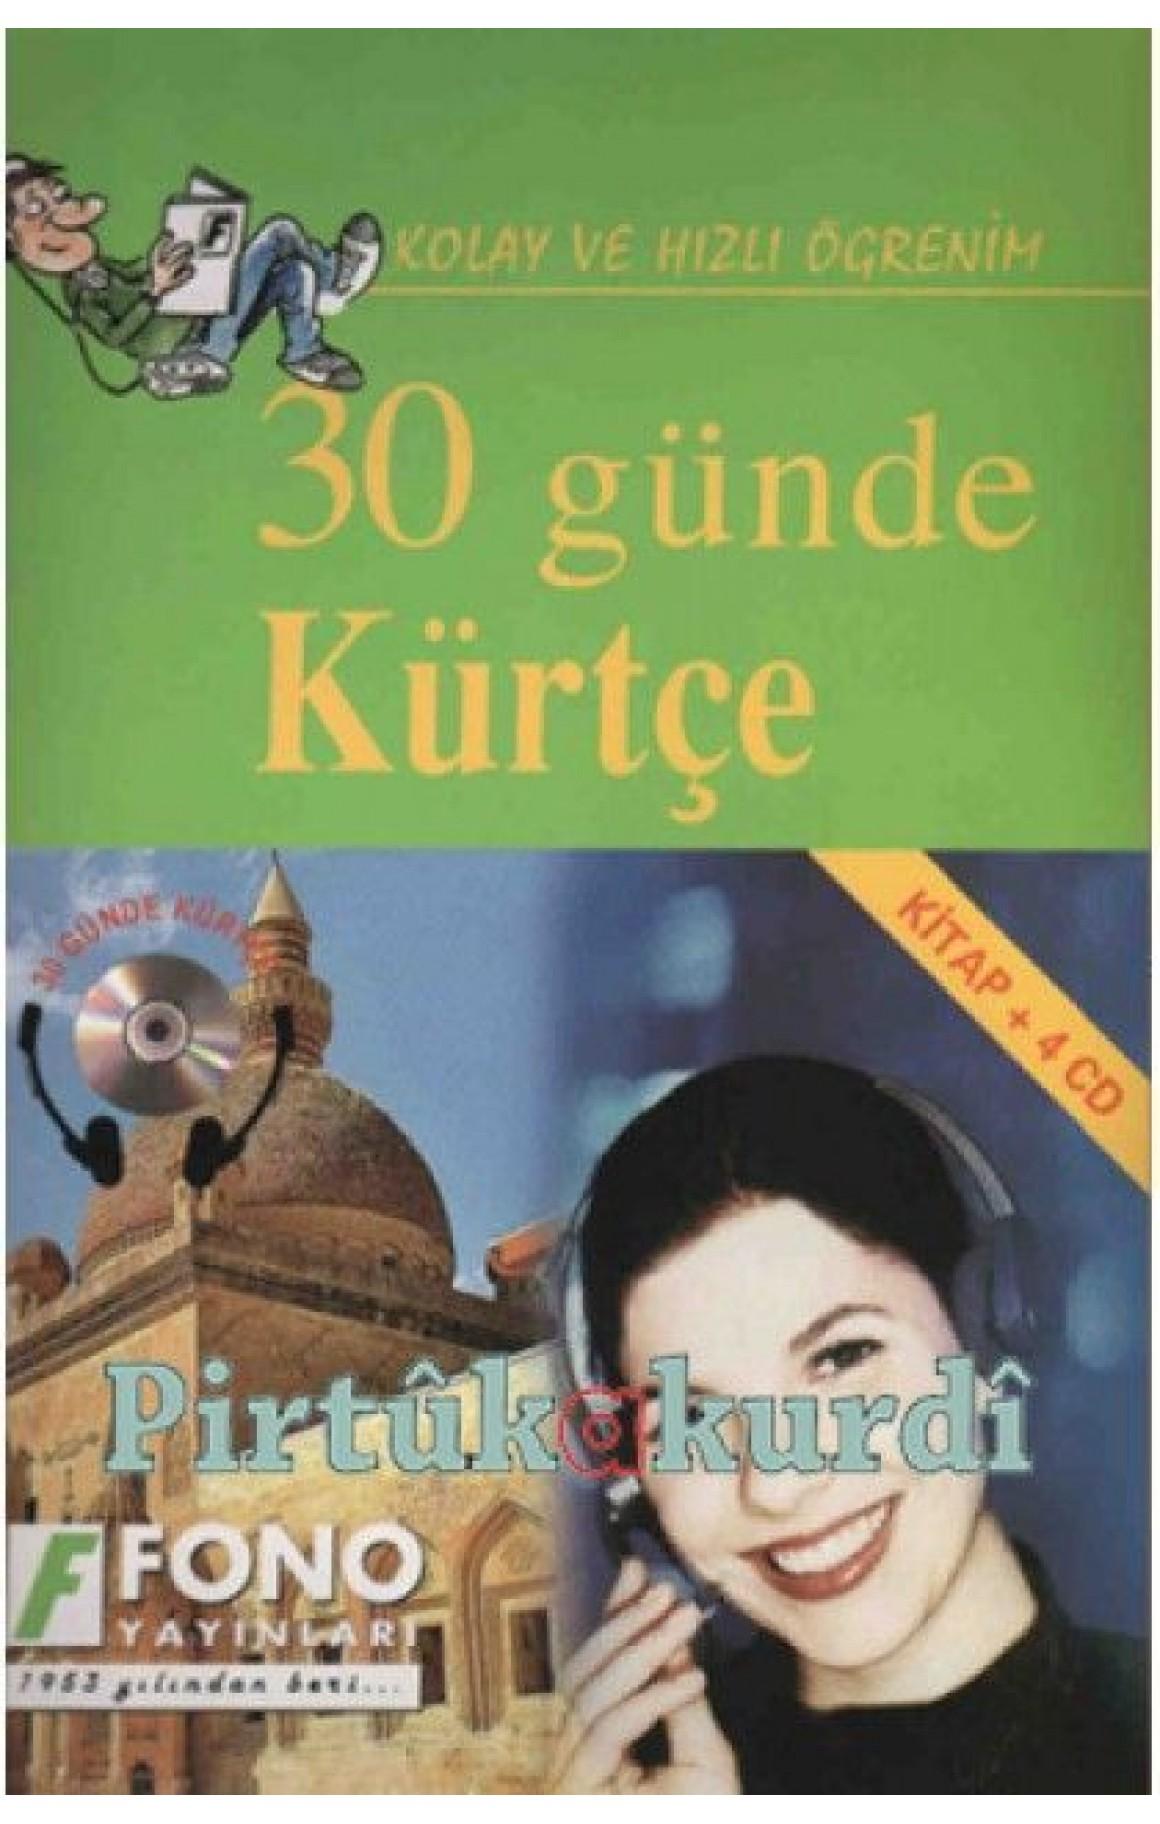 30 Günde Kürtçe - CD'li